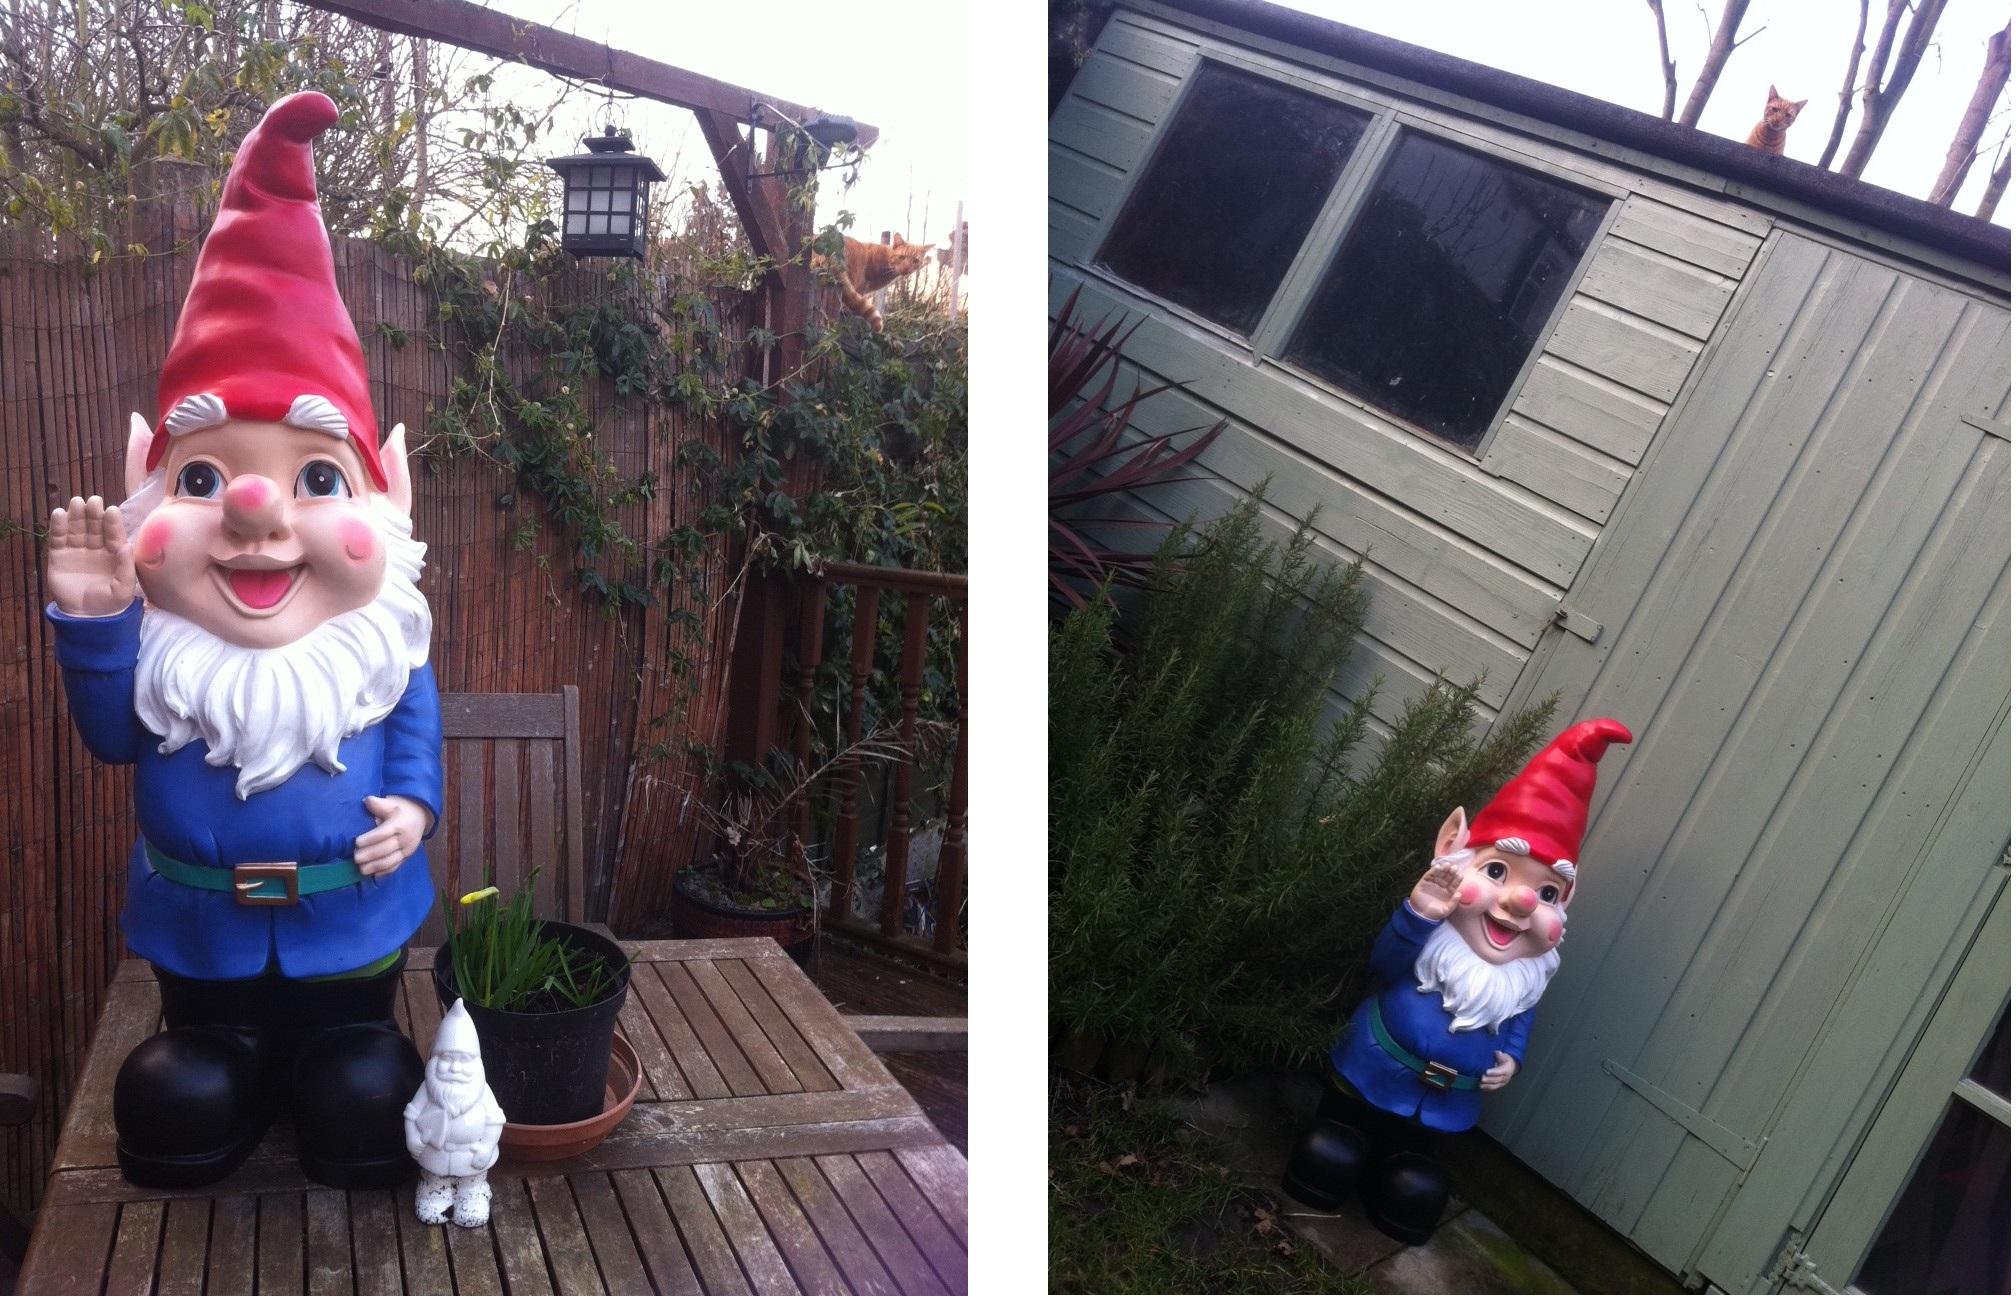 Gnome In Garden: The Treasure Hunter - Well-designed